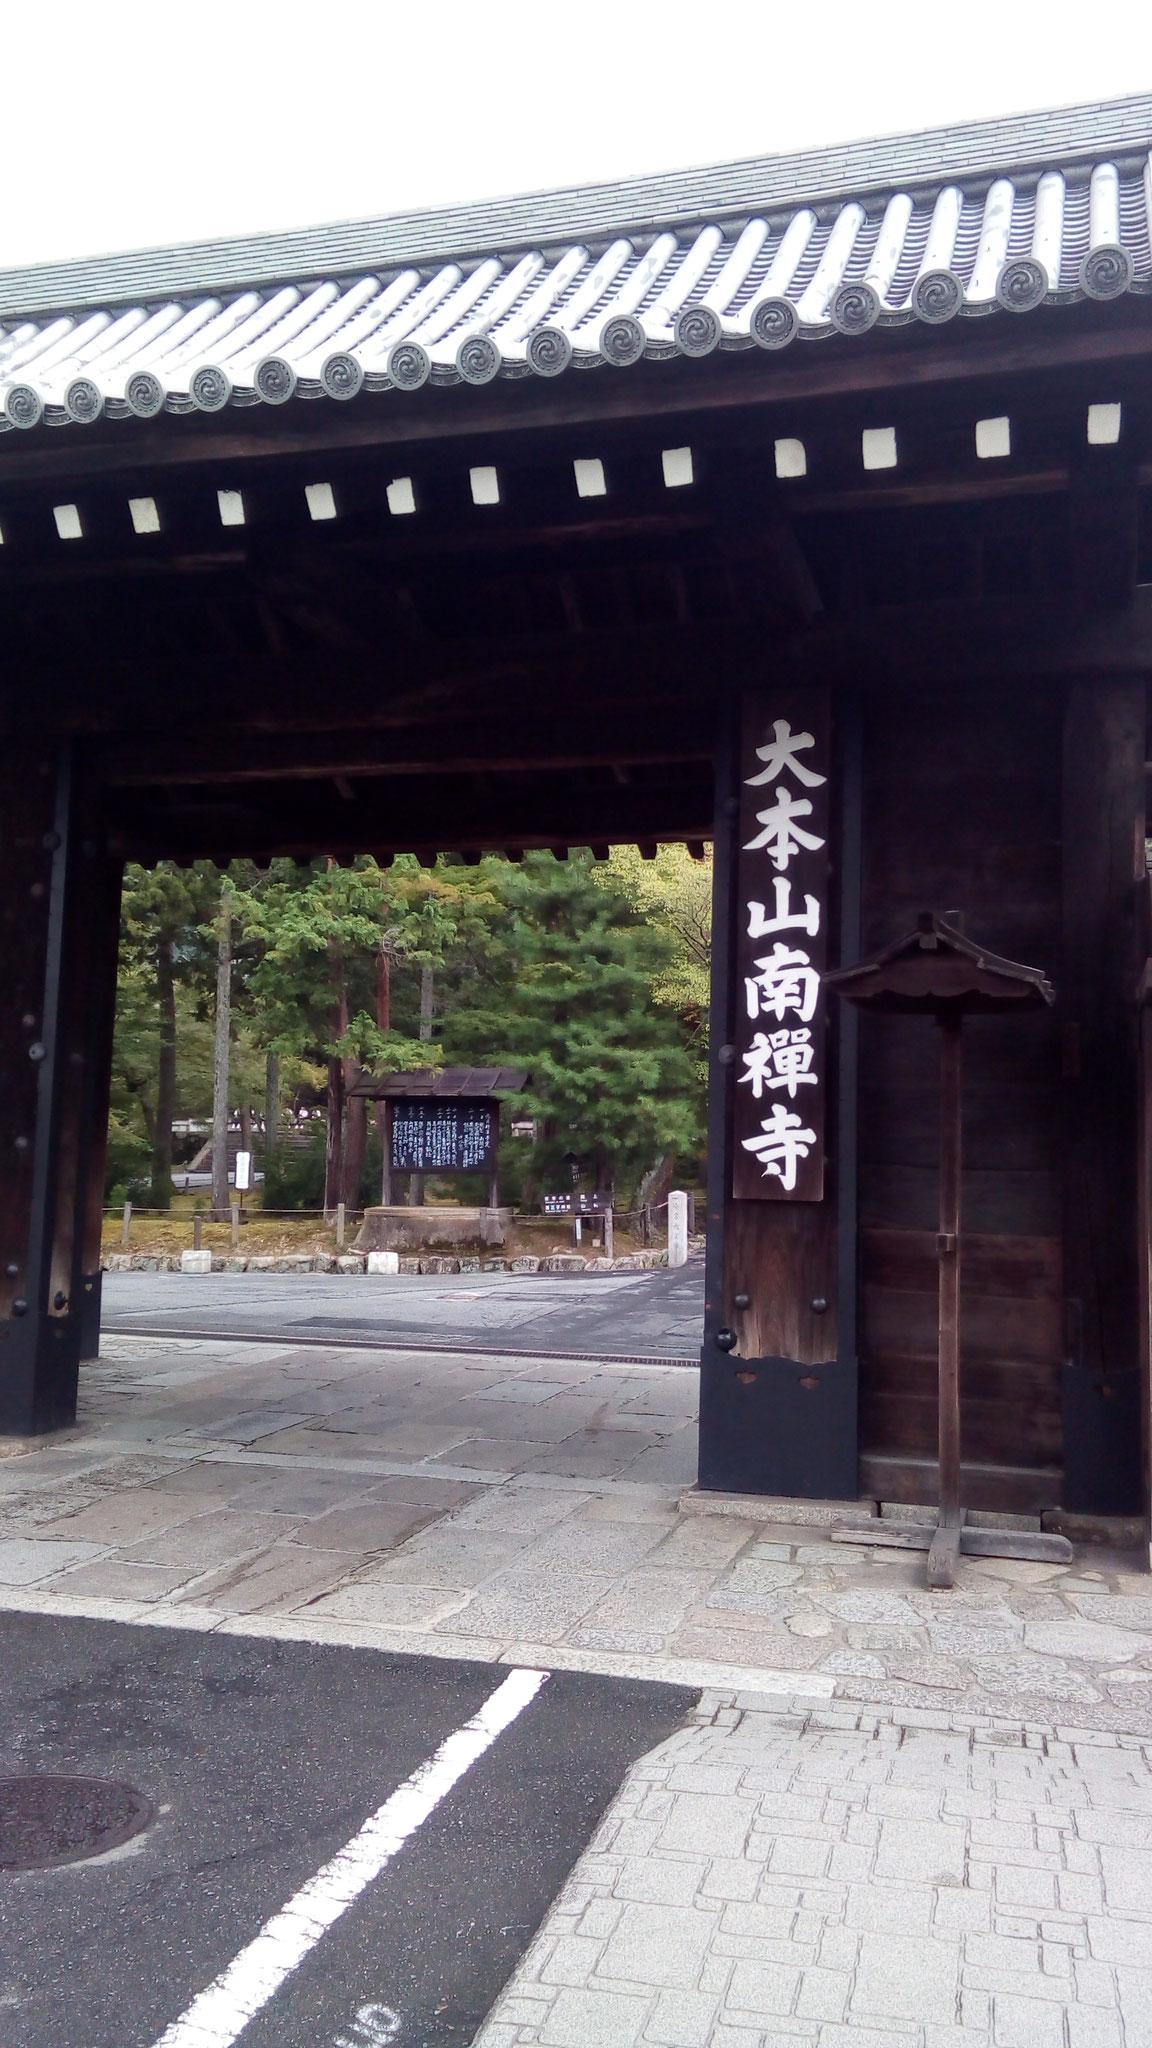 臨済宗南禅寺派大本山